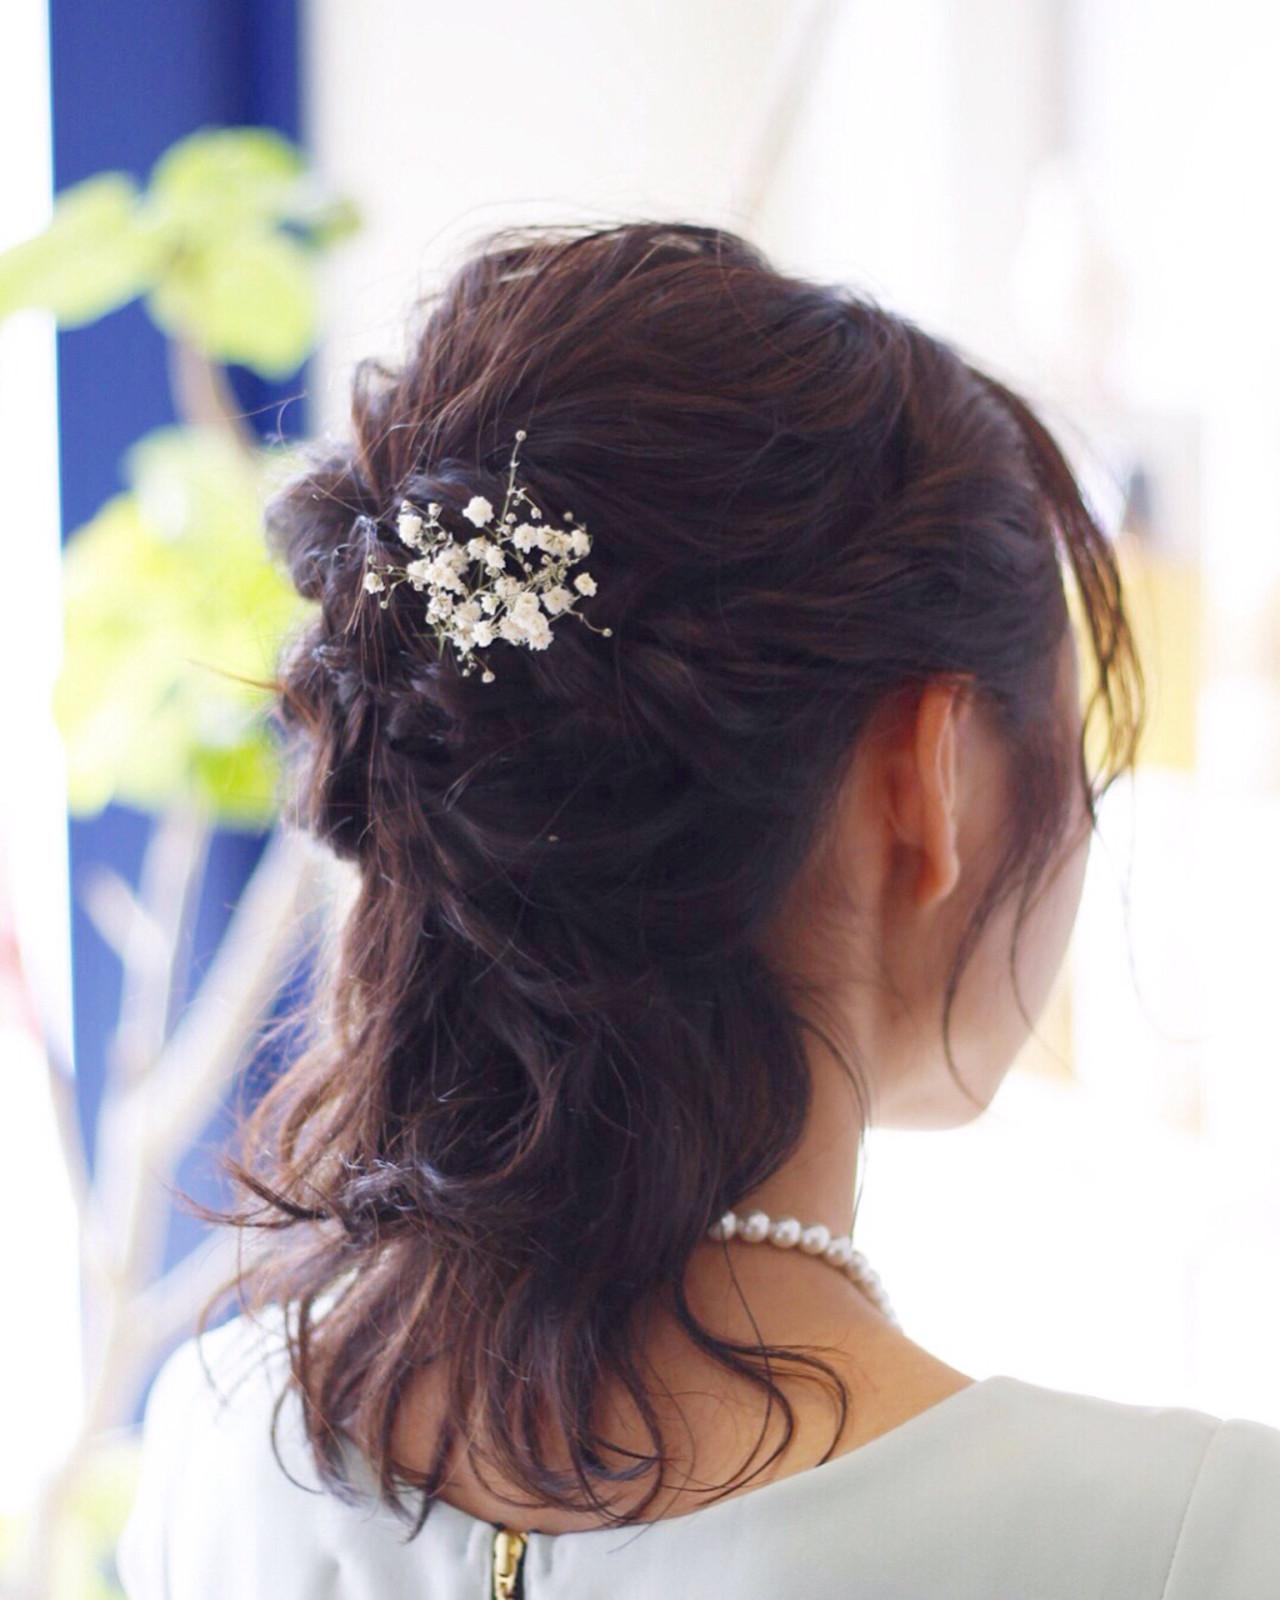 エレガント ヘアアレンジ 結婚式 ハーフアップ ヘアスタイルや髪型の写真・画像